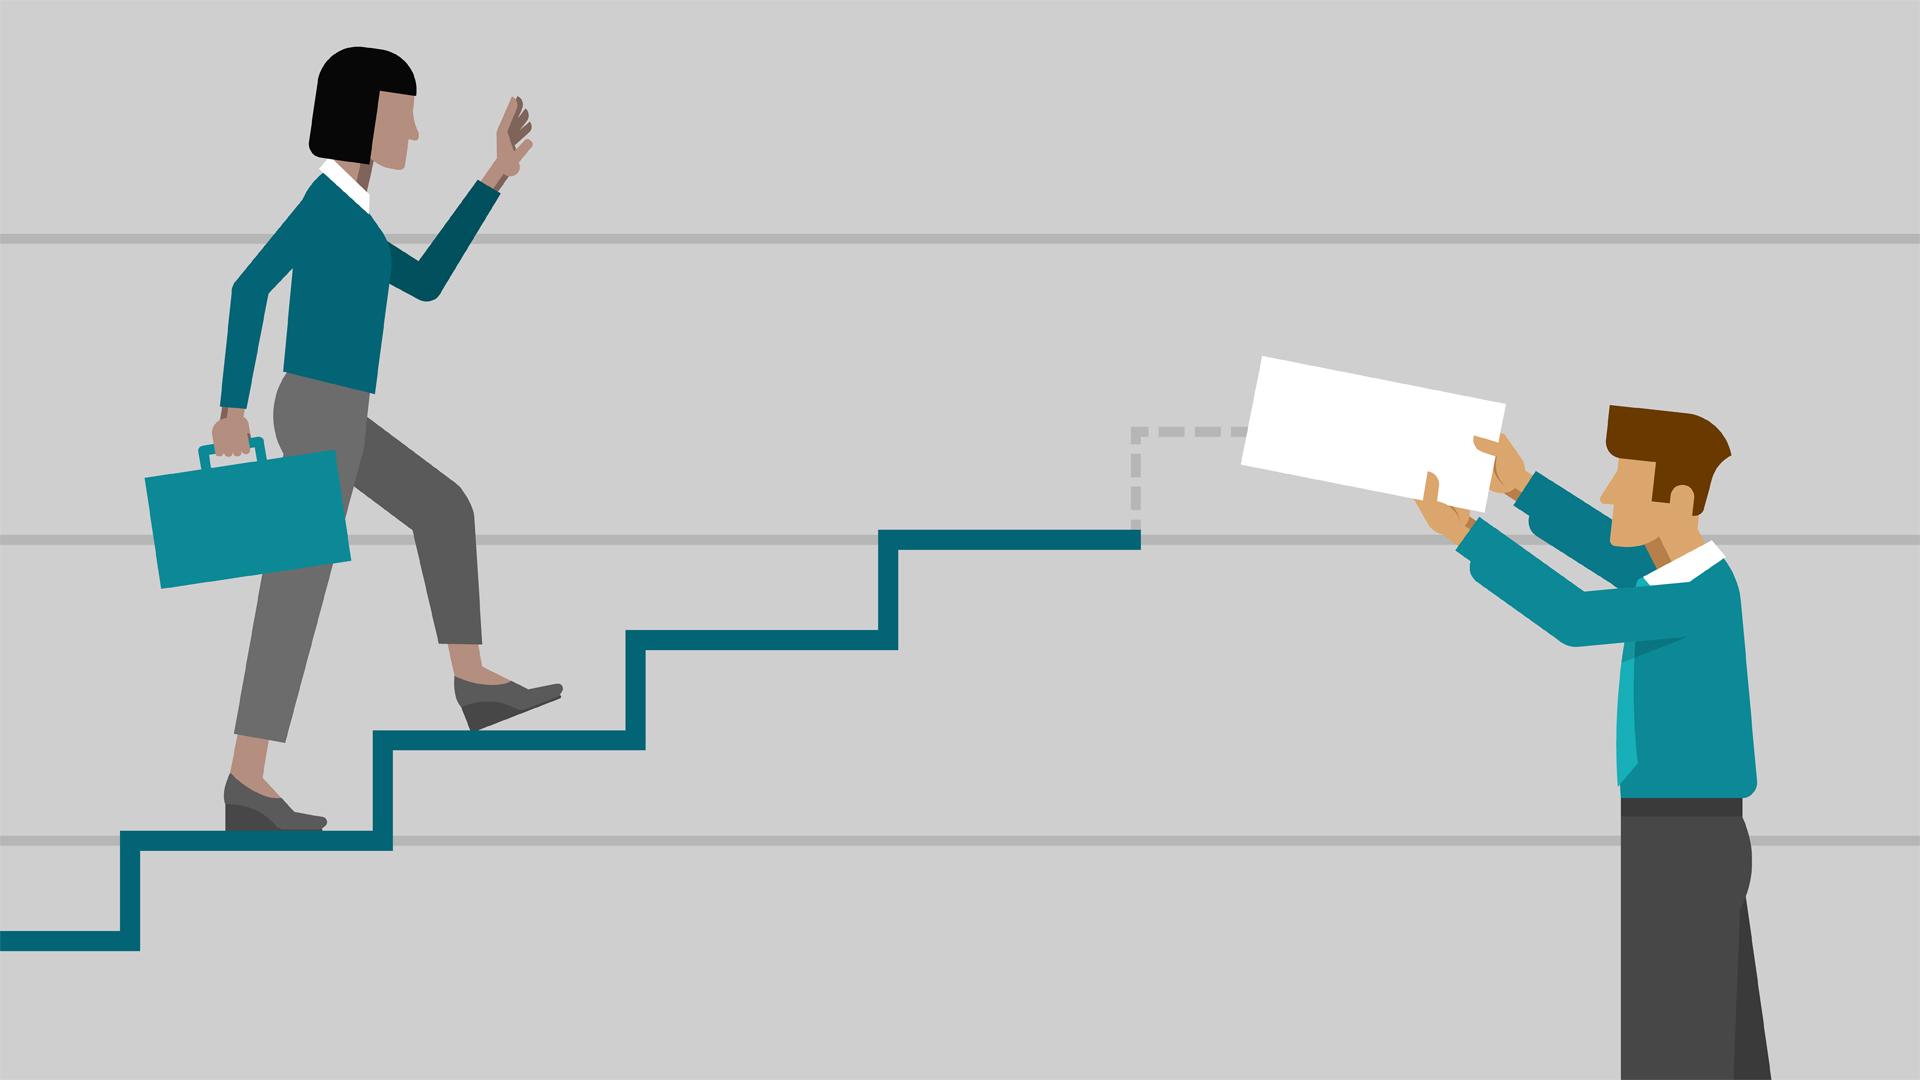 شش اقدام برای بهبود عملکرد کارکنان